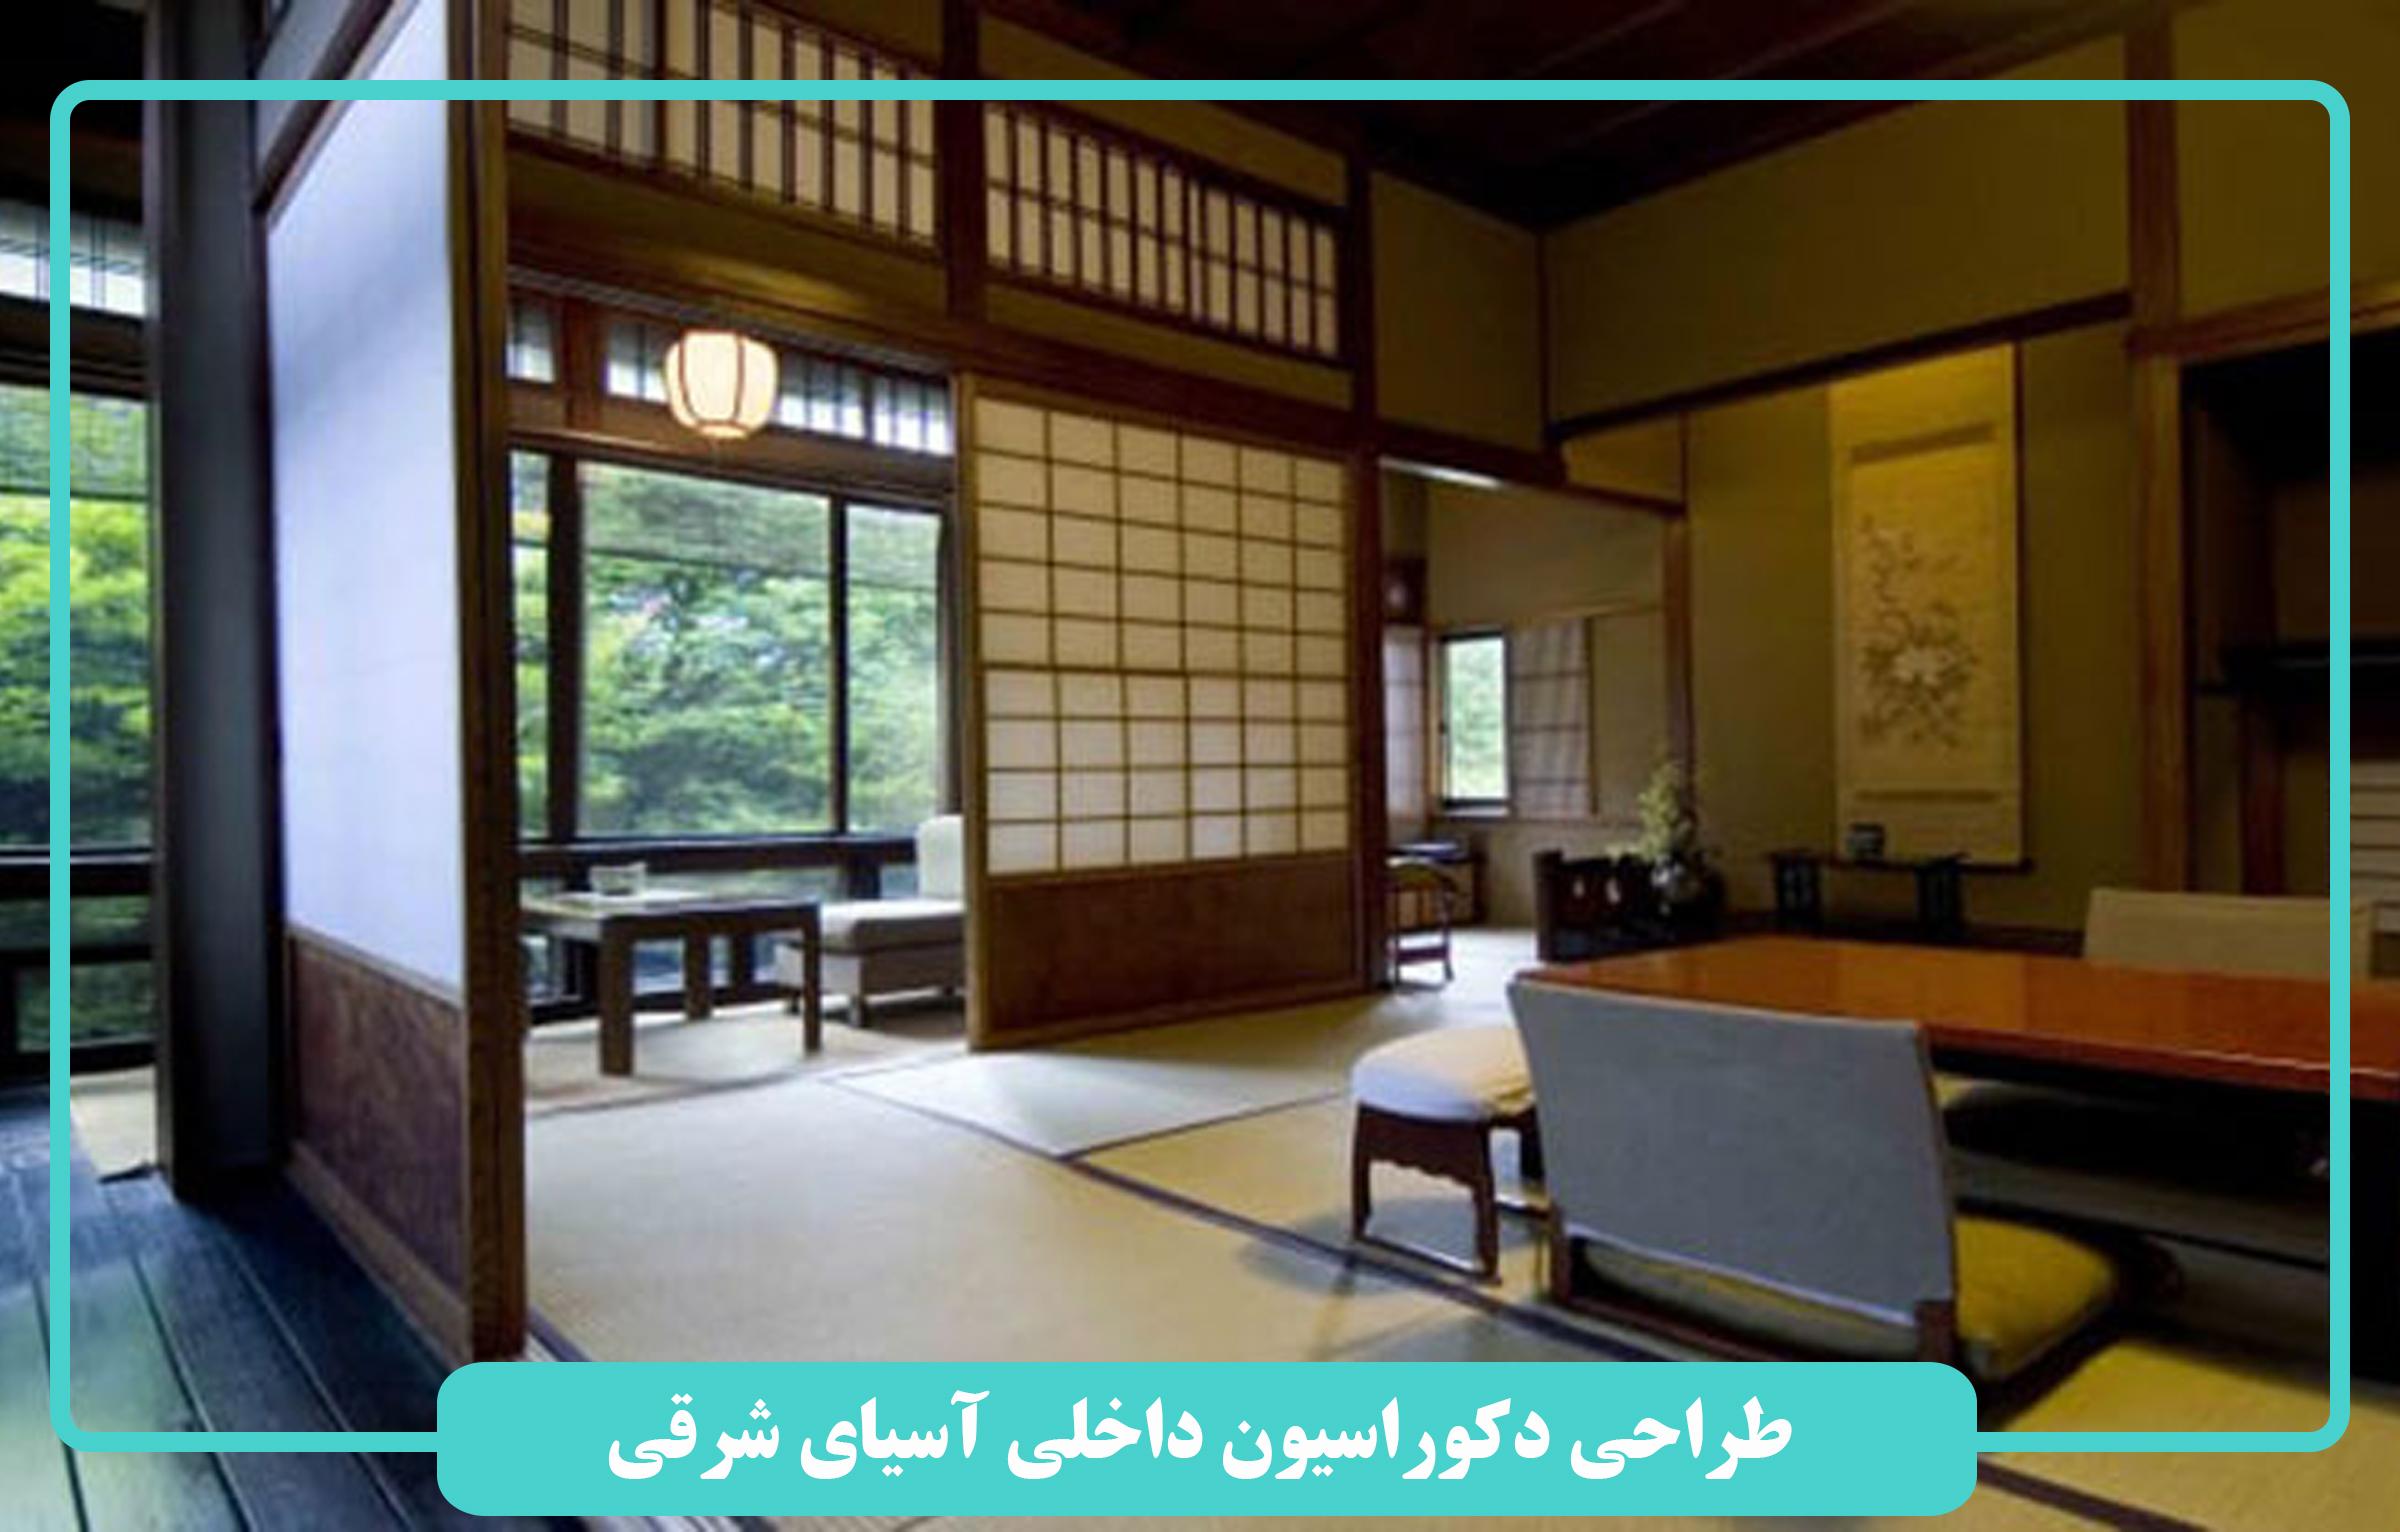 طراحی دکوراسیون داخلی آسیای شرقی